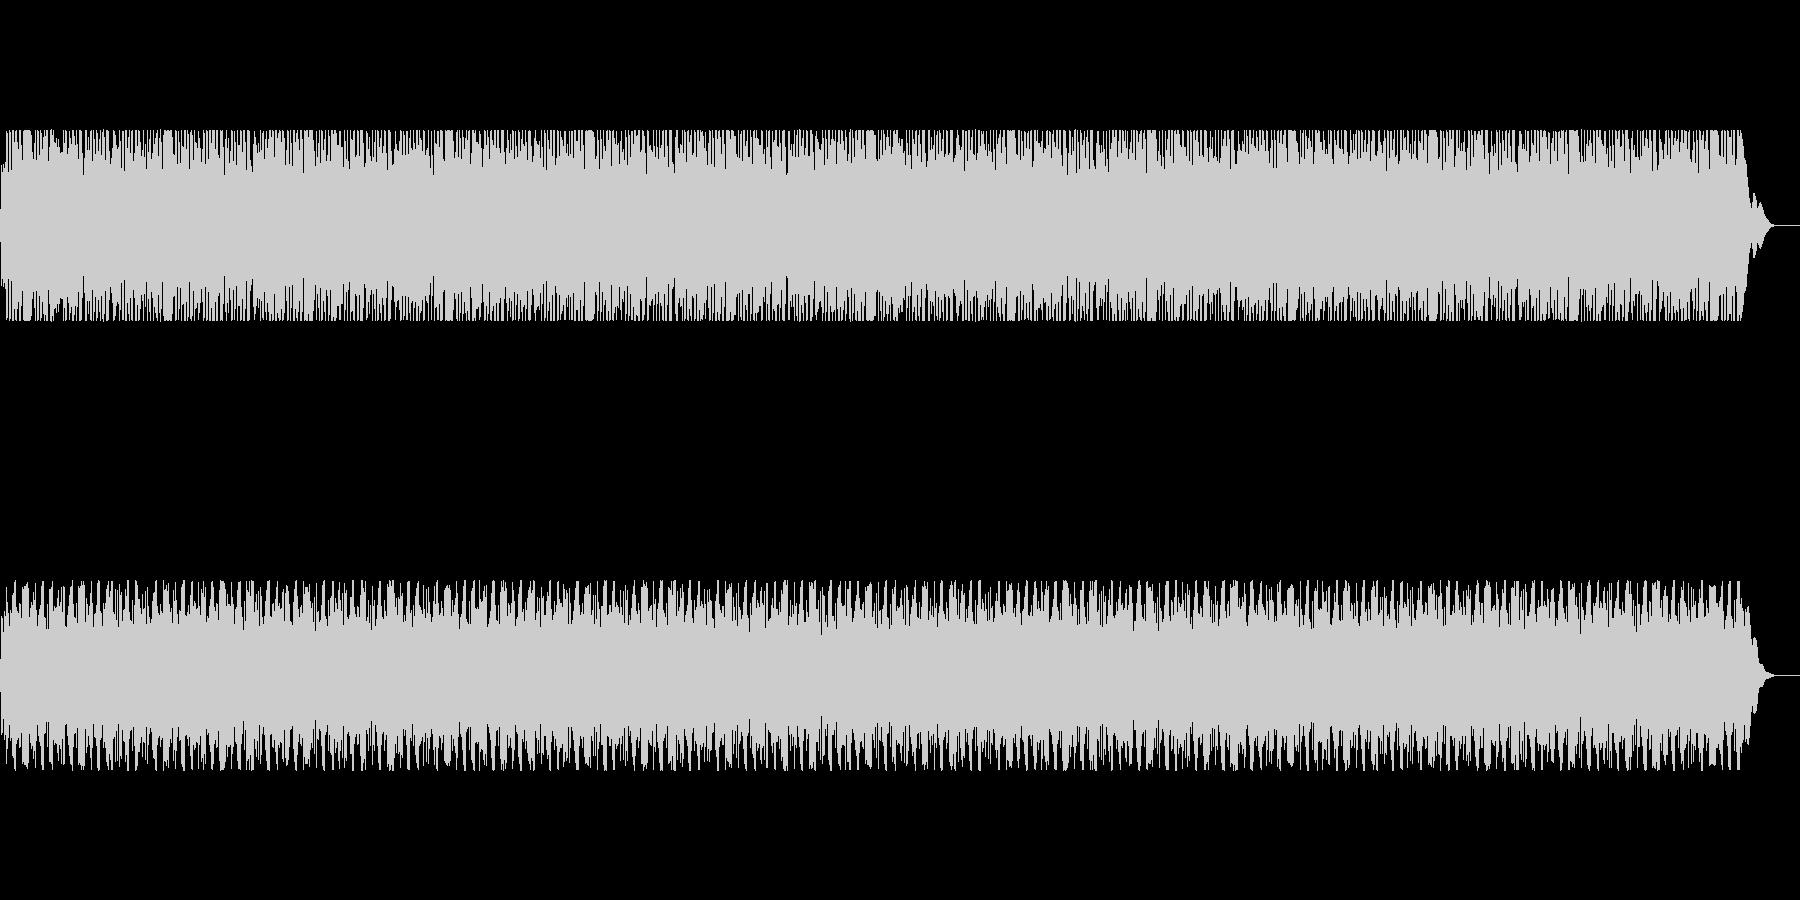 【サイレン01-2】の未再生の波形